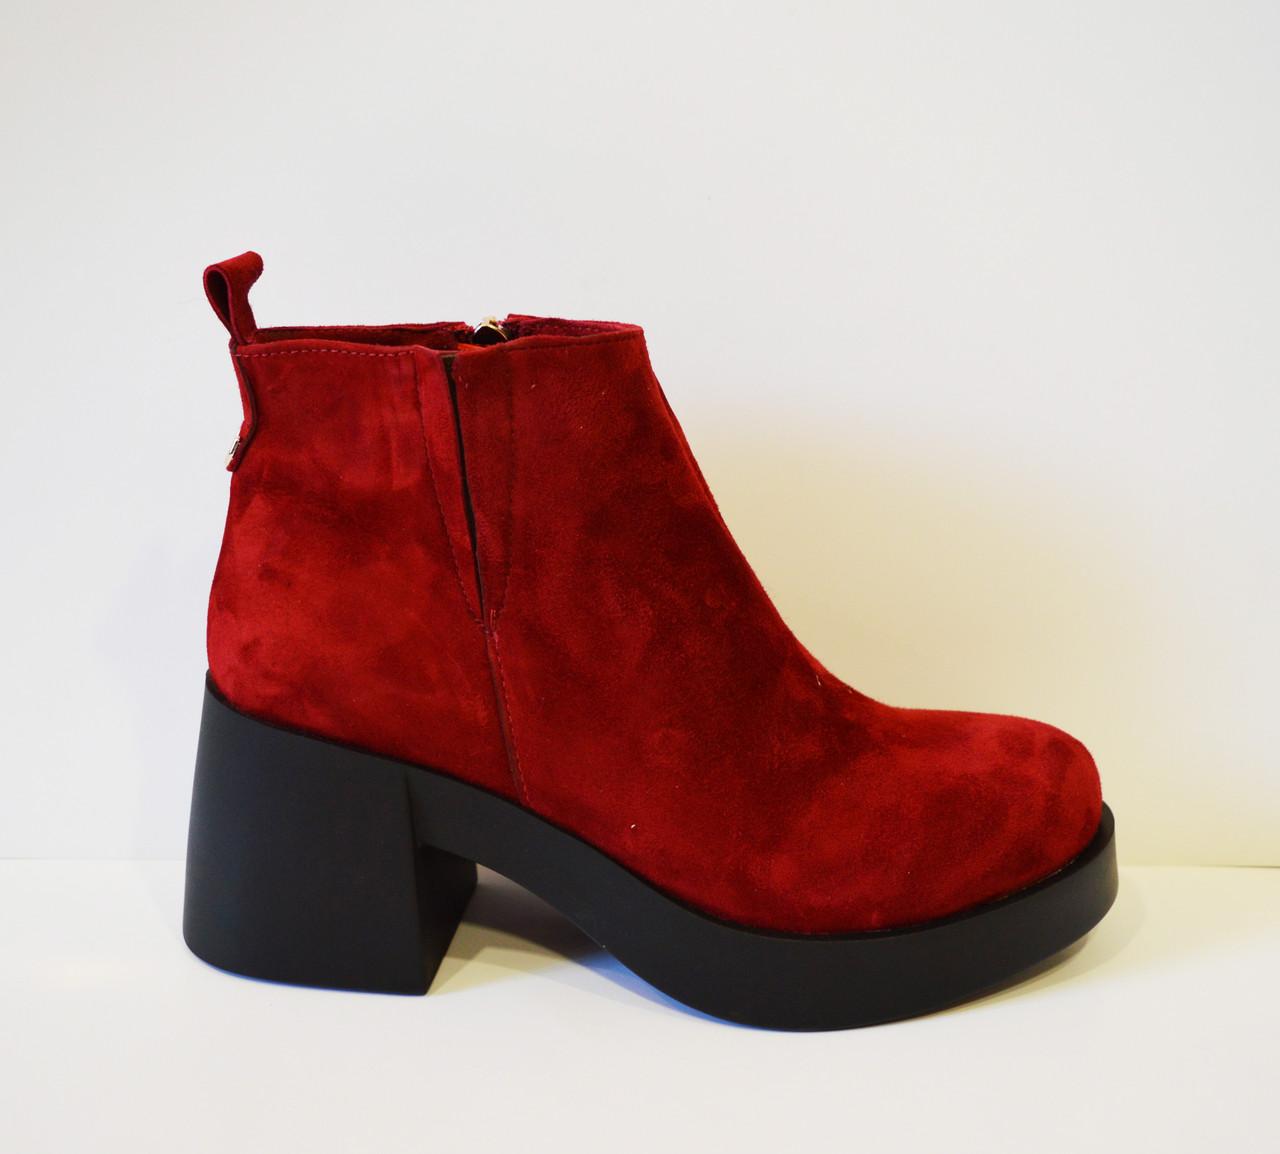 e9709d4dd Красные женские ботинки El Passo 1895 - КРЕЩАТИК - интернет магазин обуви в  Александрии